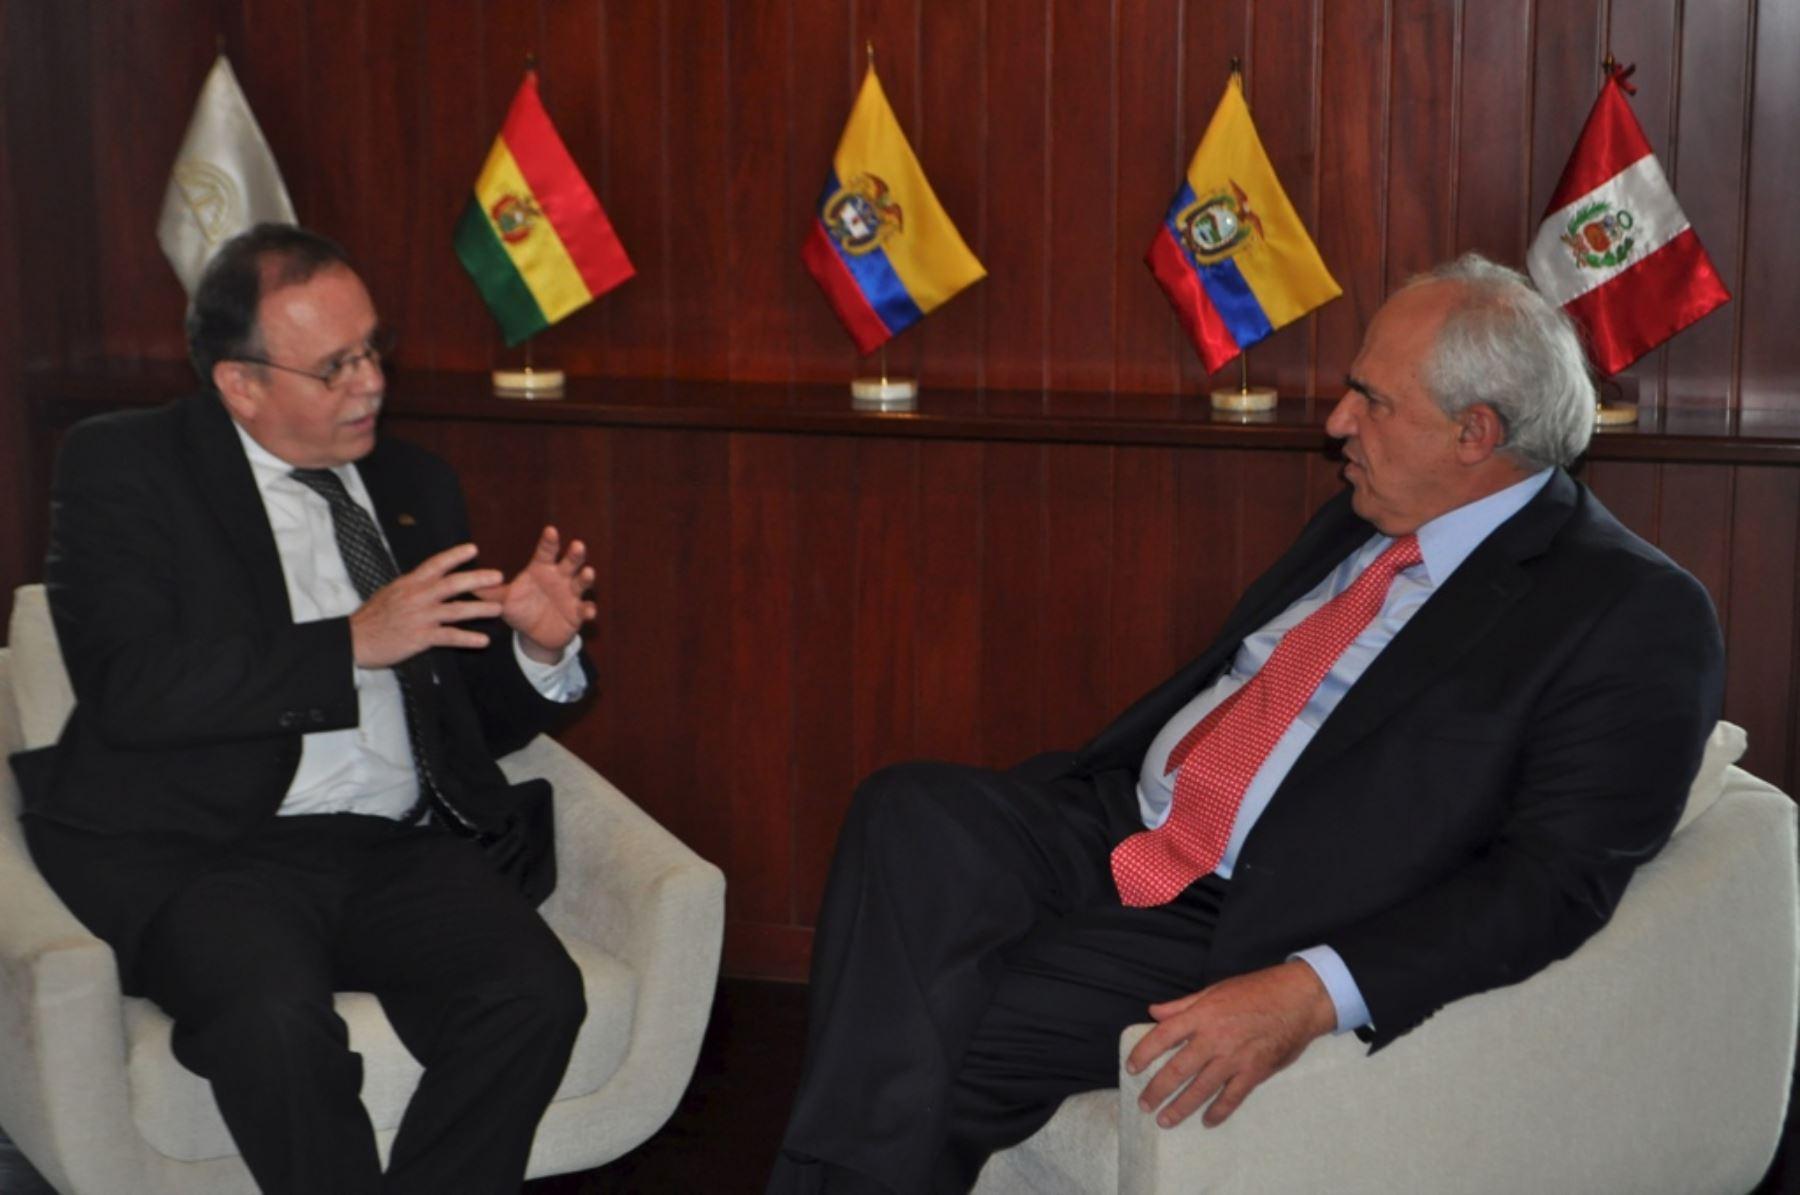 Secretario general de la Comunidad Andina, Pablo Guzmán, se reúne con su par de Unasur, Ernesto Samper, en Lima.